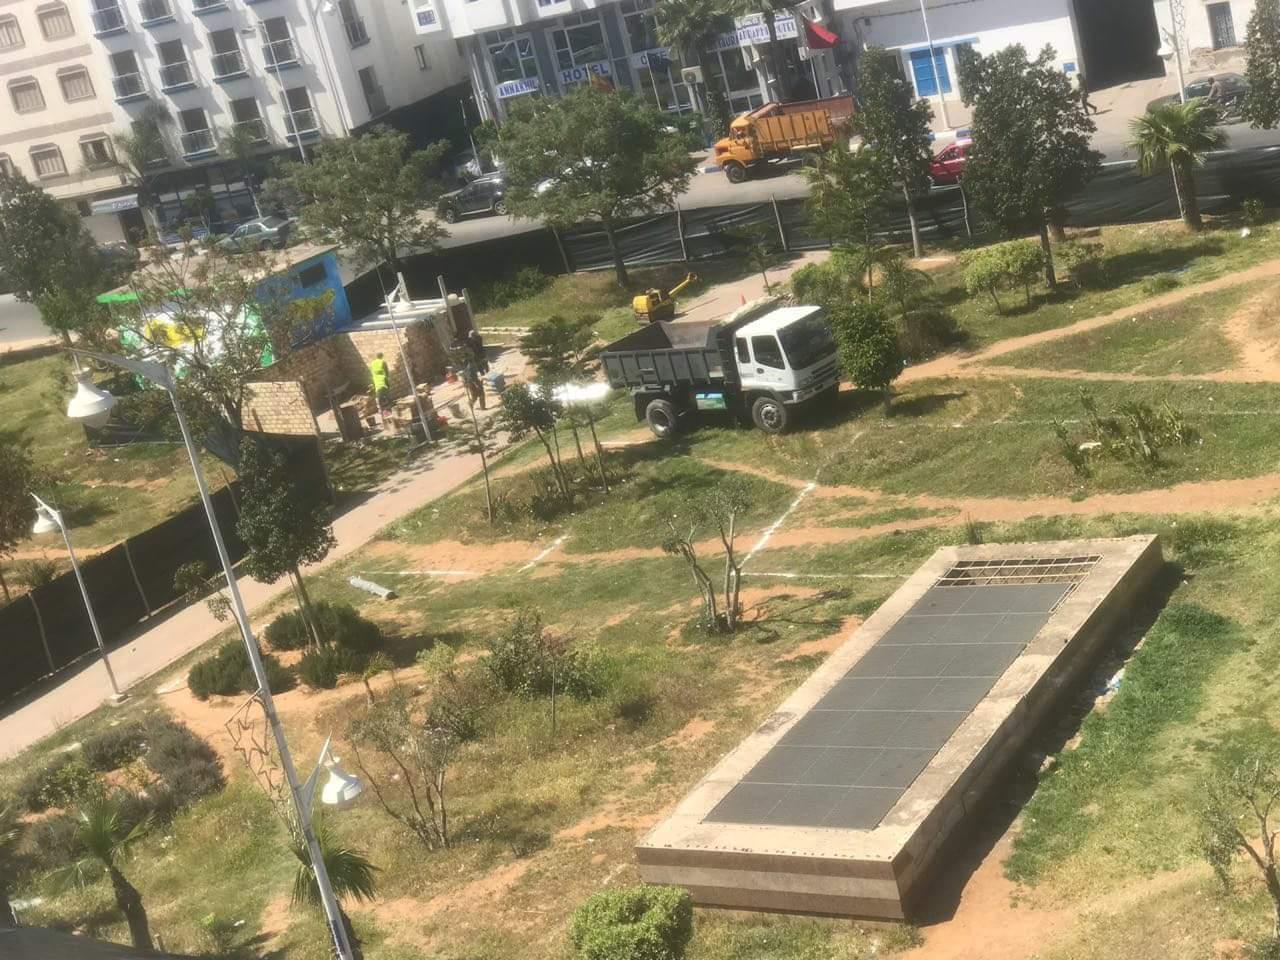 بيان: متطوعون من اجل الناظور تدعو للاحتجاج 5 ماي على مشروع محطة التاكسيات بحديقة 3 مارس